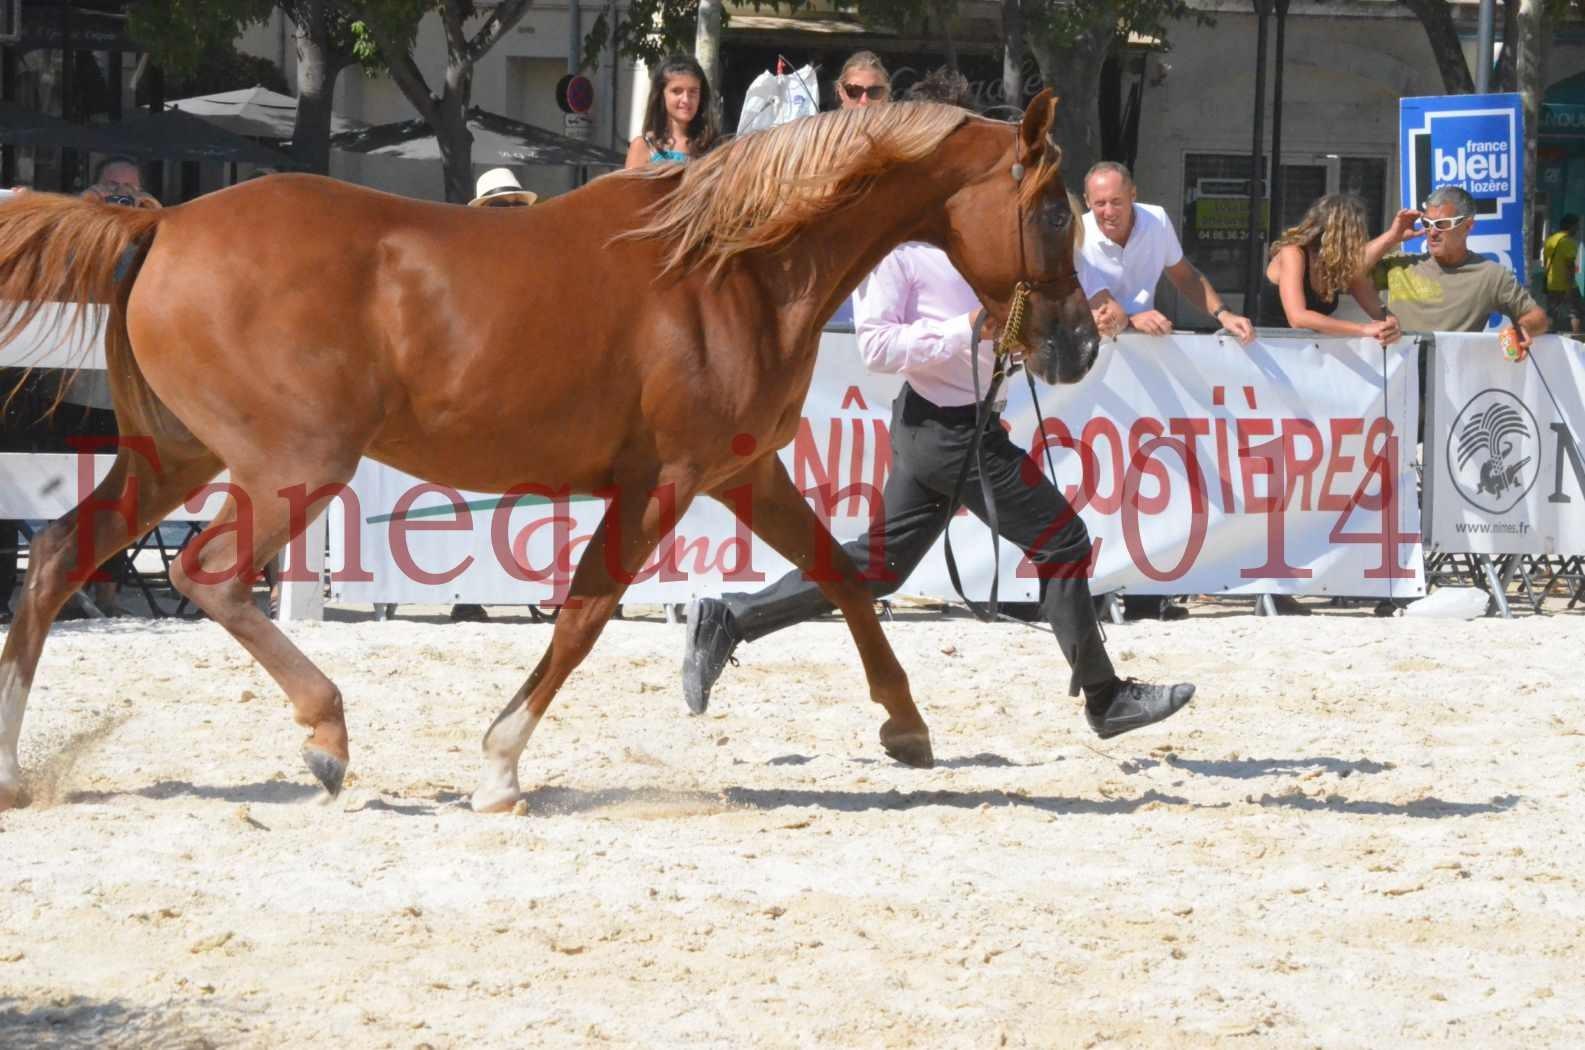 Concours National de Nîmes de chevaux ARABES 2014 - Championnat - MASSAI DE BARREL - 28